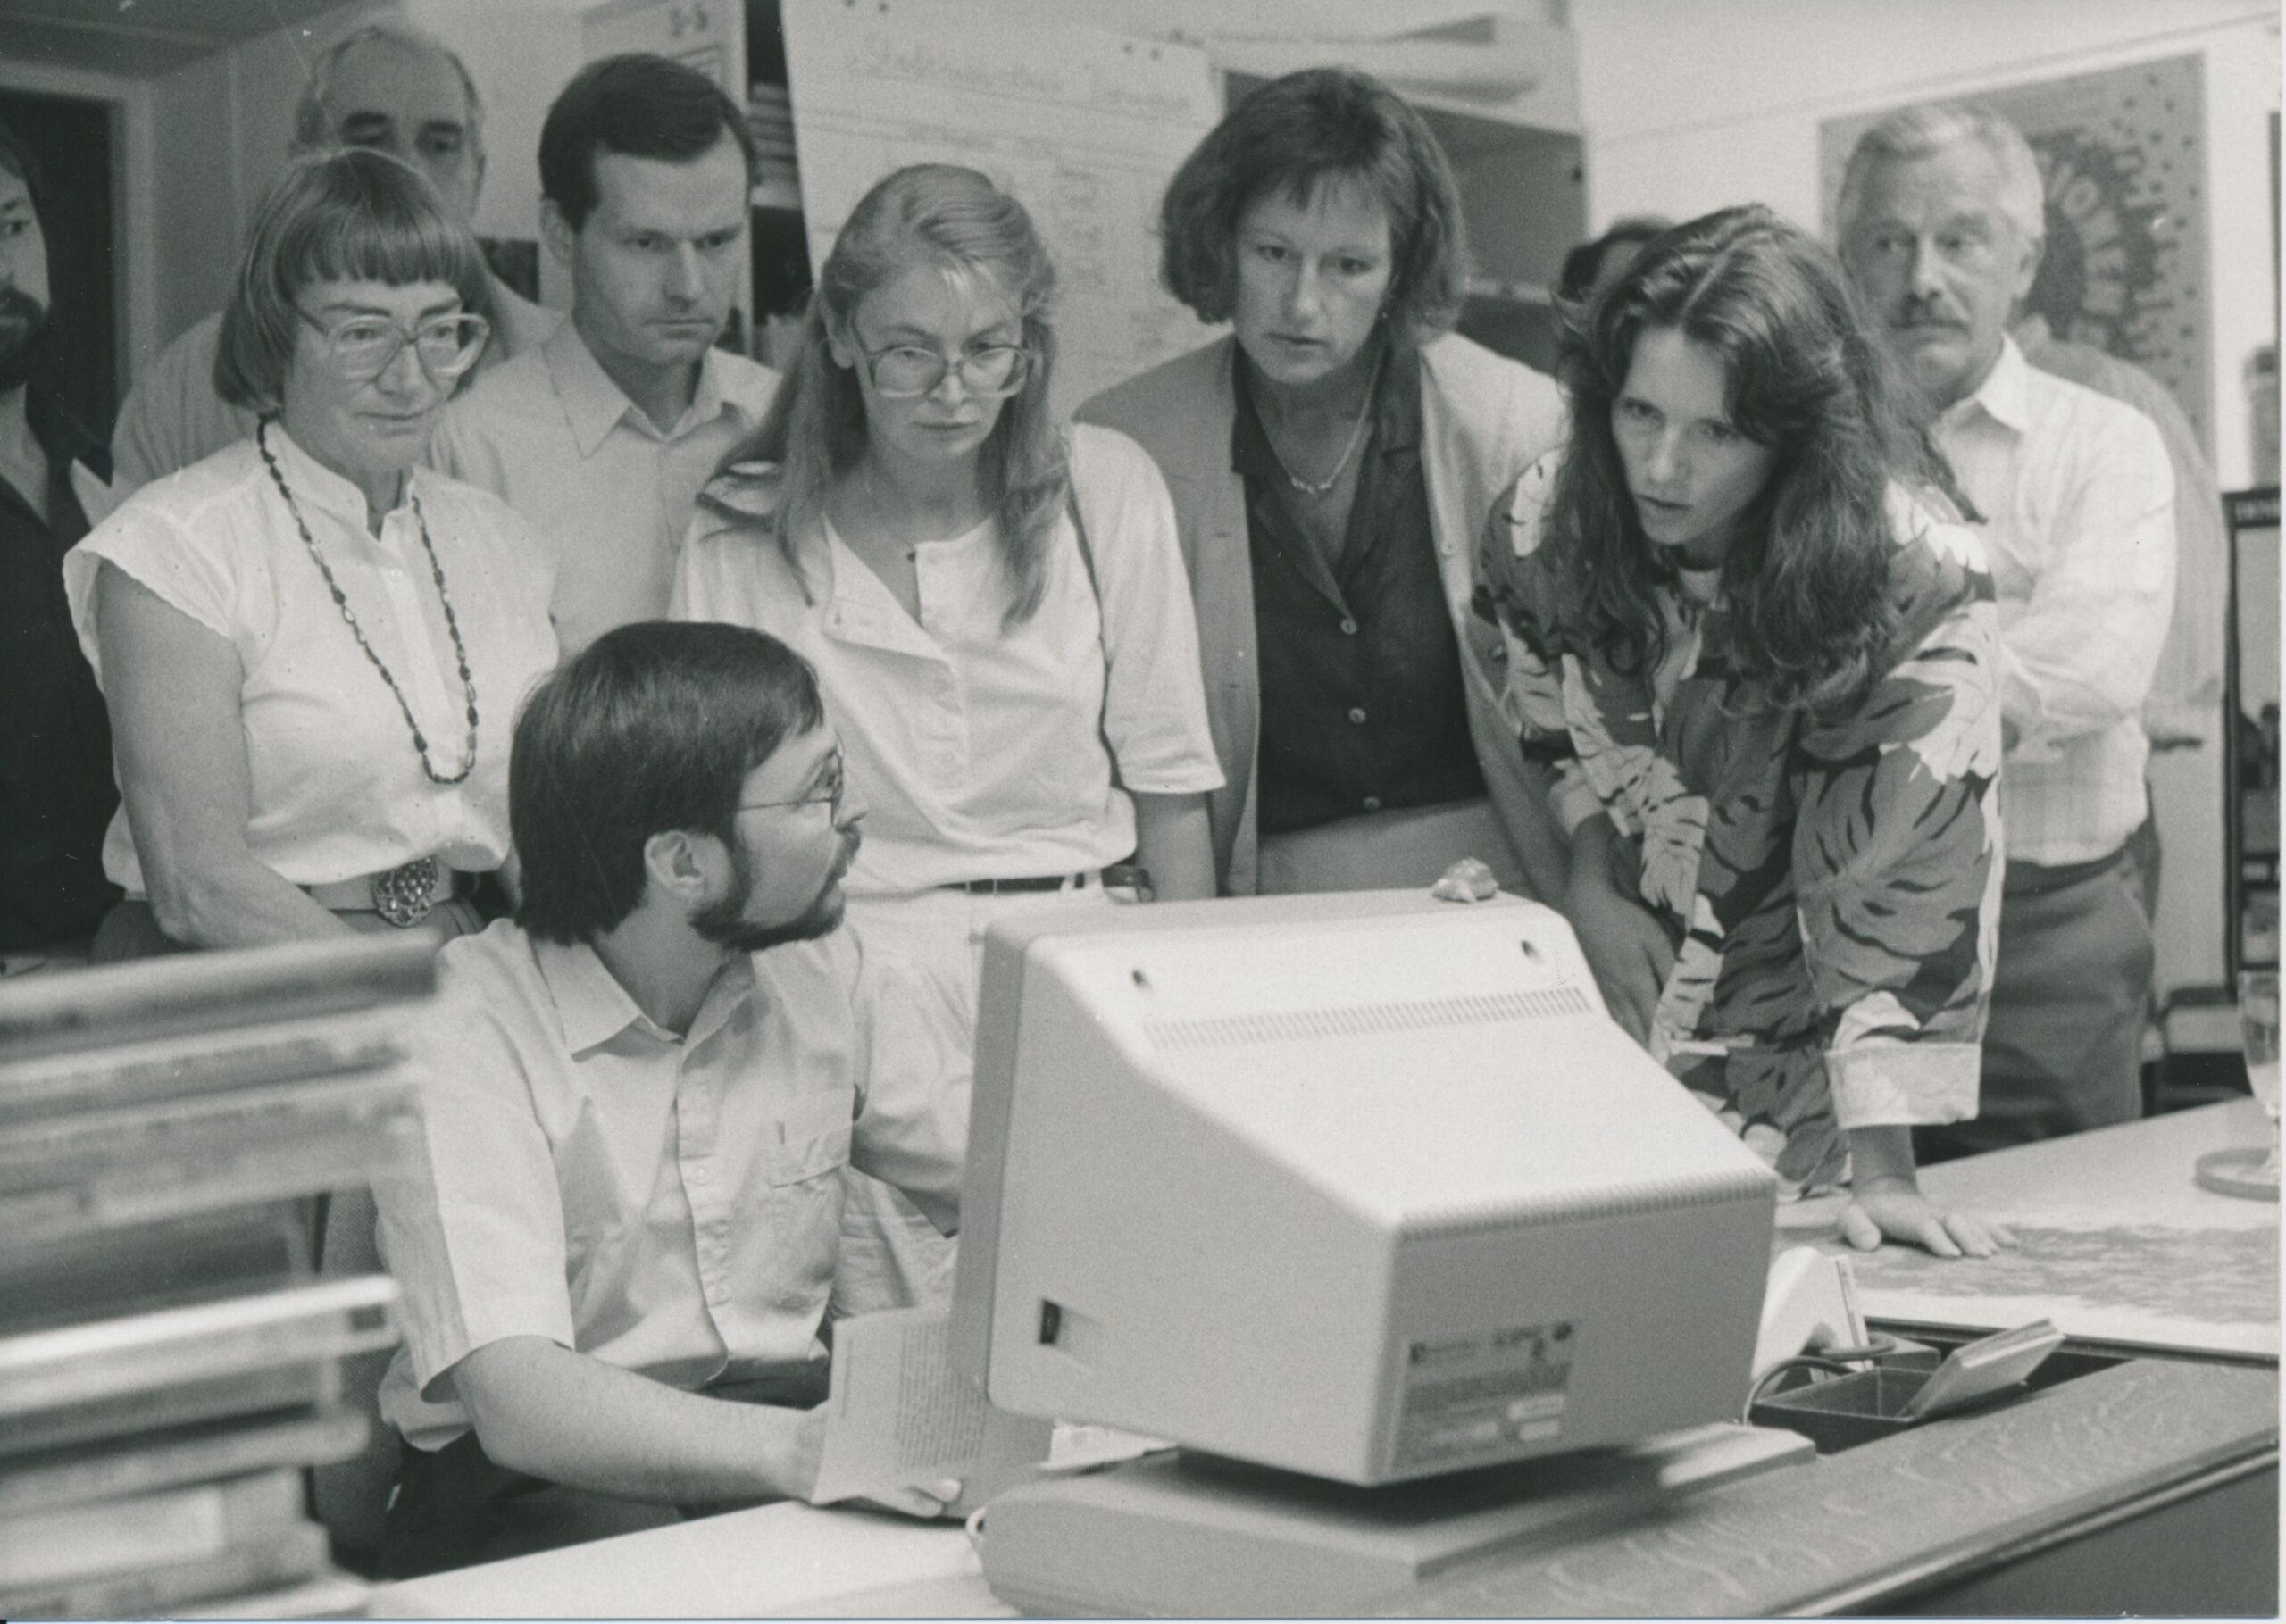 Eine Gruppe von 9 Personen steht hinter einem Mann, der vor einem Computer sitzt; eine Frau beugt sich fragend nach vorne während er ihr zuhört